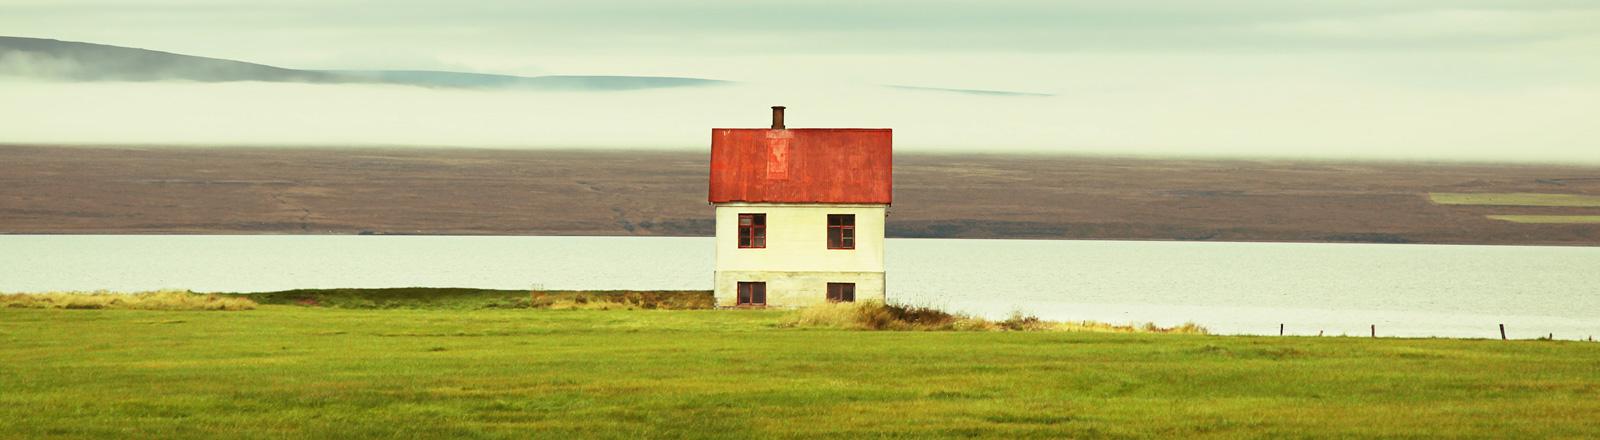 Ein Haus scheint im Wasser zu stehen. Davor eine Wiese, dahinter endlose Weite.